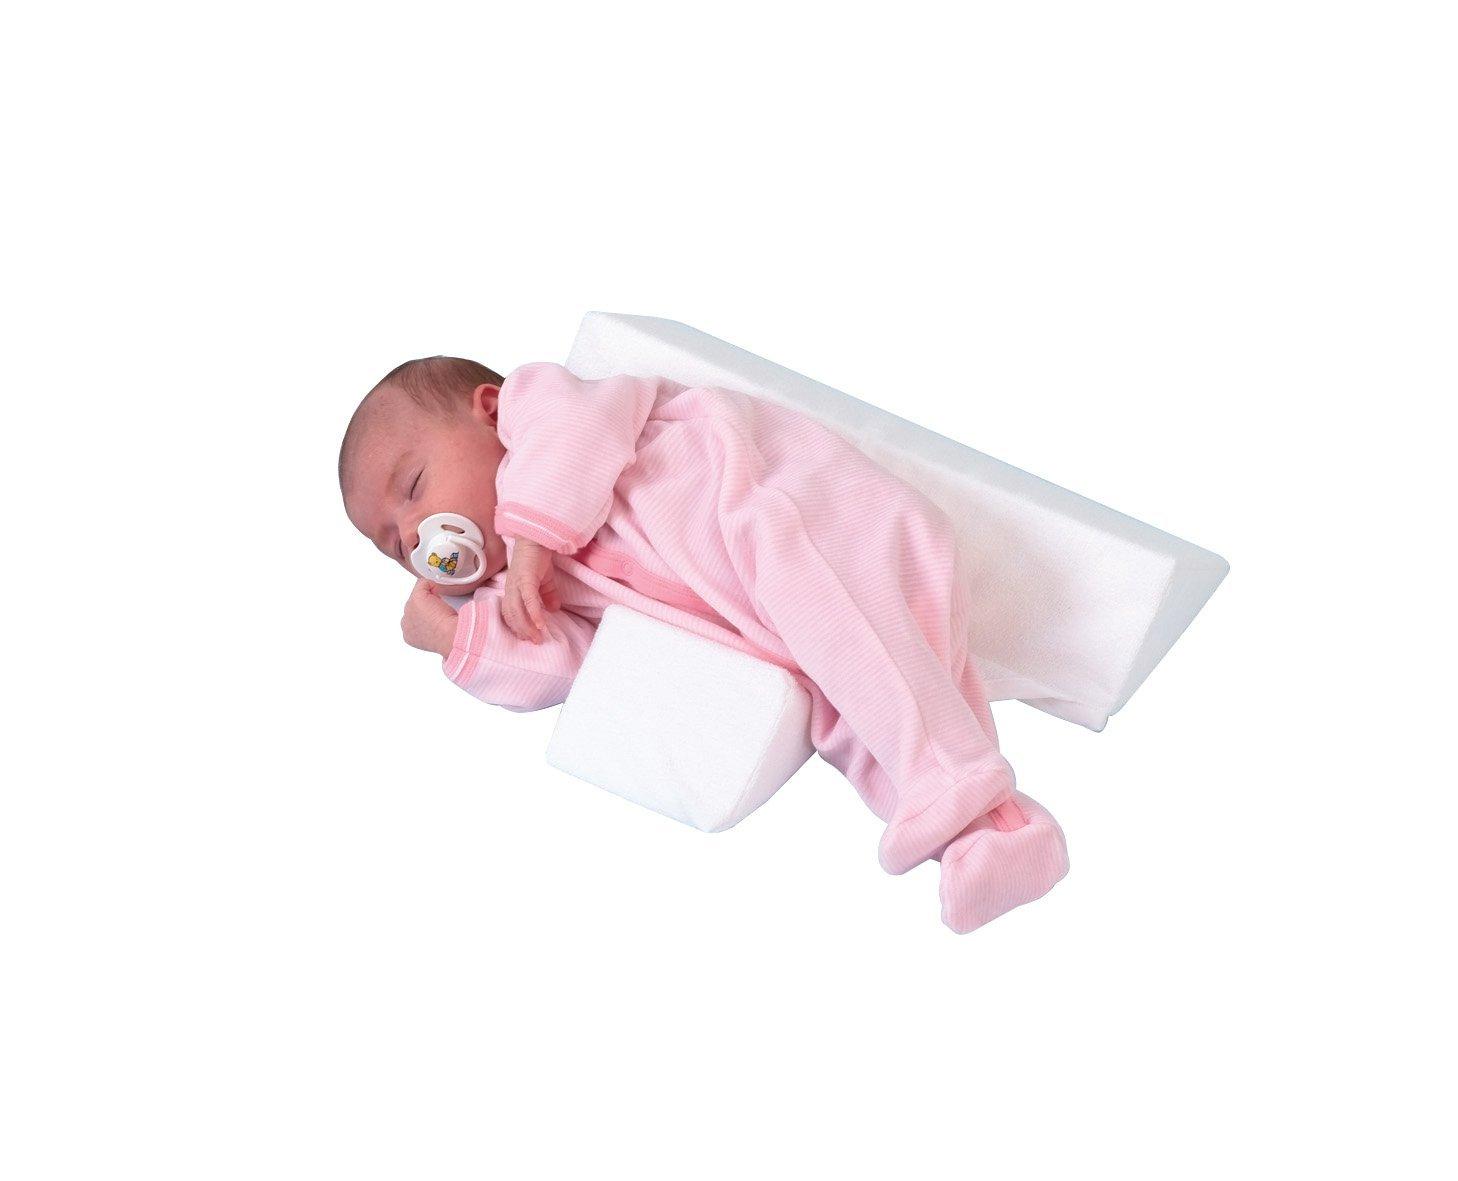 Представляет собой совокупность двух подушек, одна из которых кладется под спину, а другая – в области живота. В будущем можно отказаться от одной из них, подкладывая наклонную под голову, приподнимая туловище, чтобы исключить внезапную отрыжку.